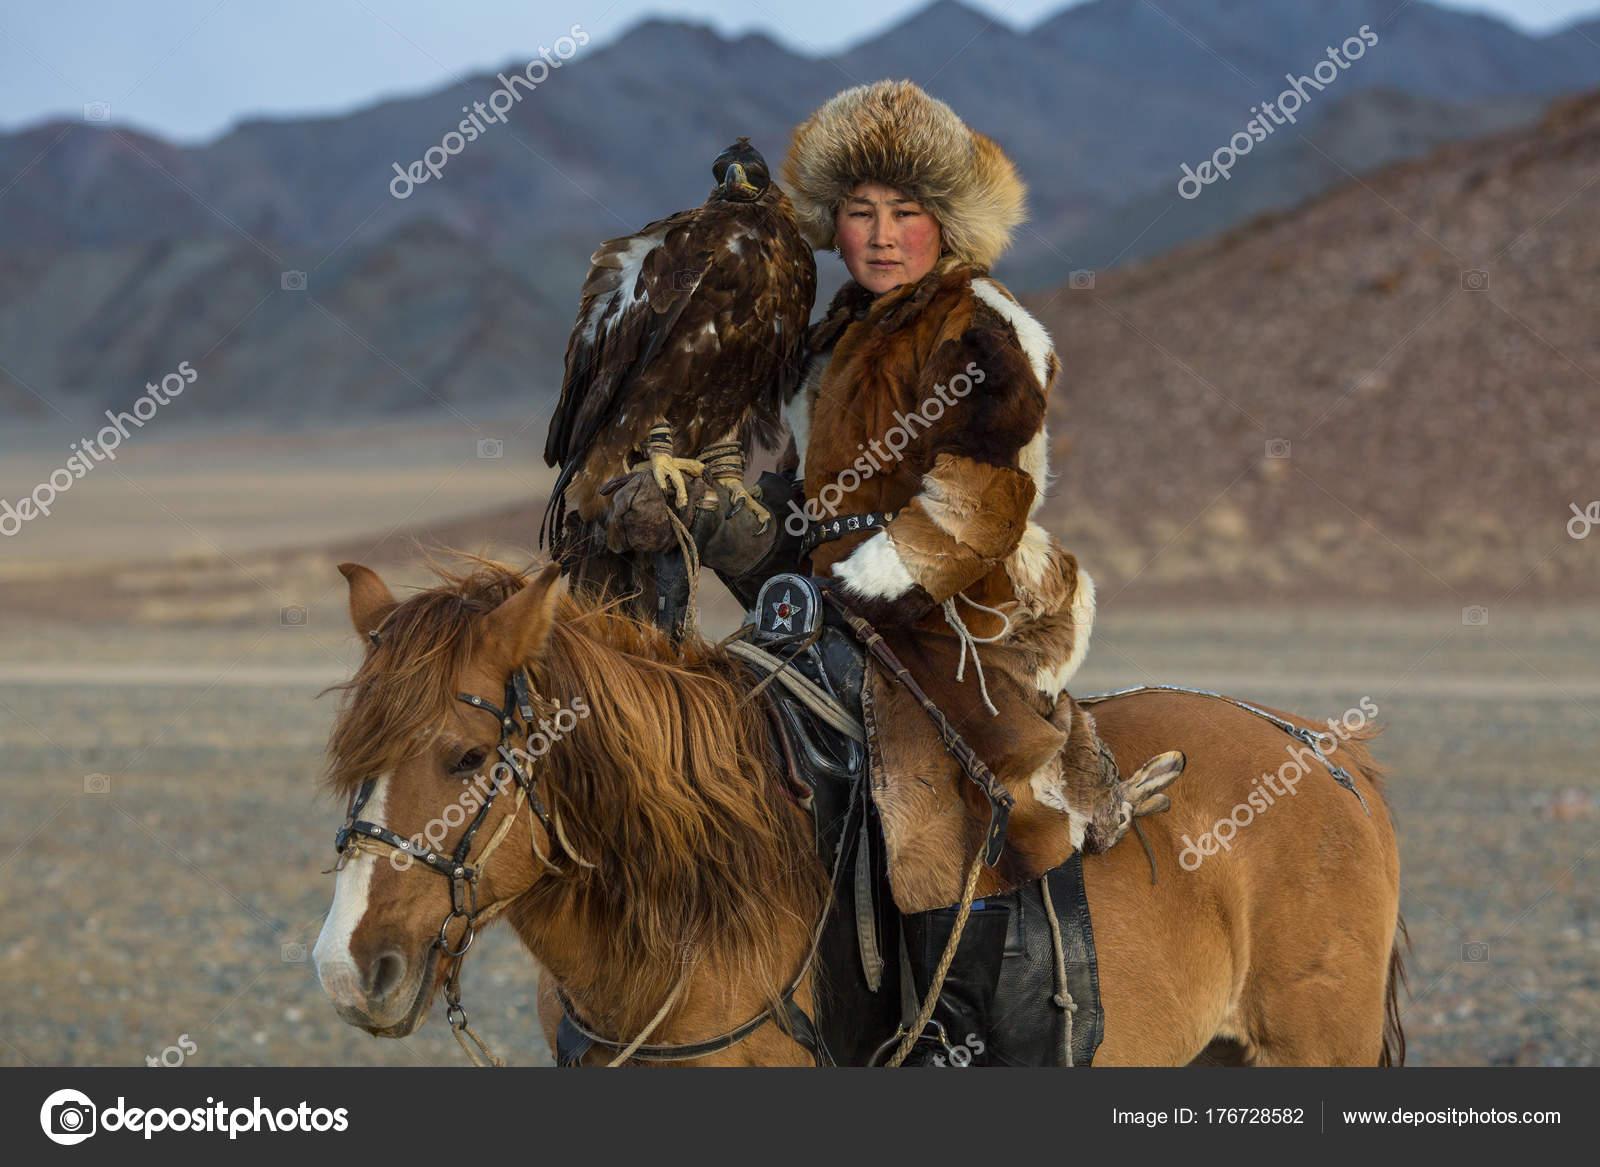 2017 Femme Sagsay Sep Aigle Des Jeune Chasseur Vêtements Mongolie RqqIx6wE